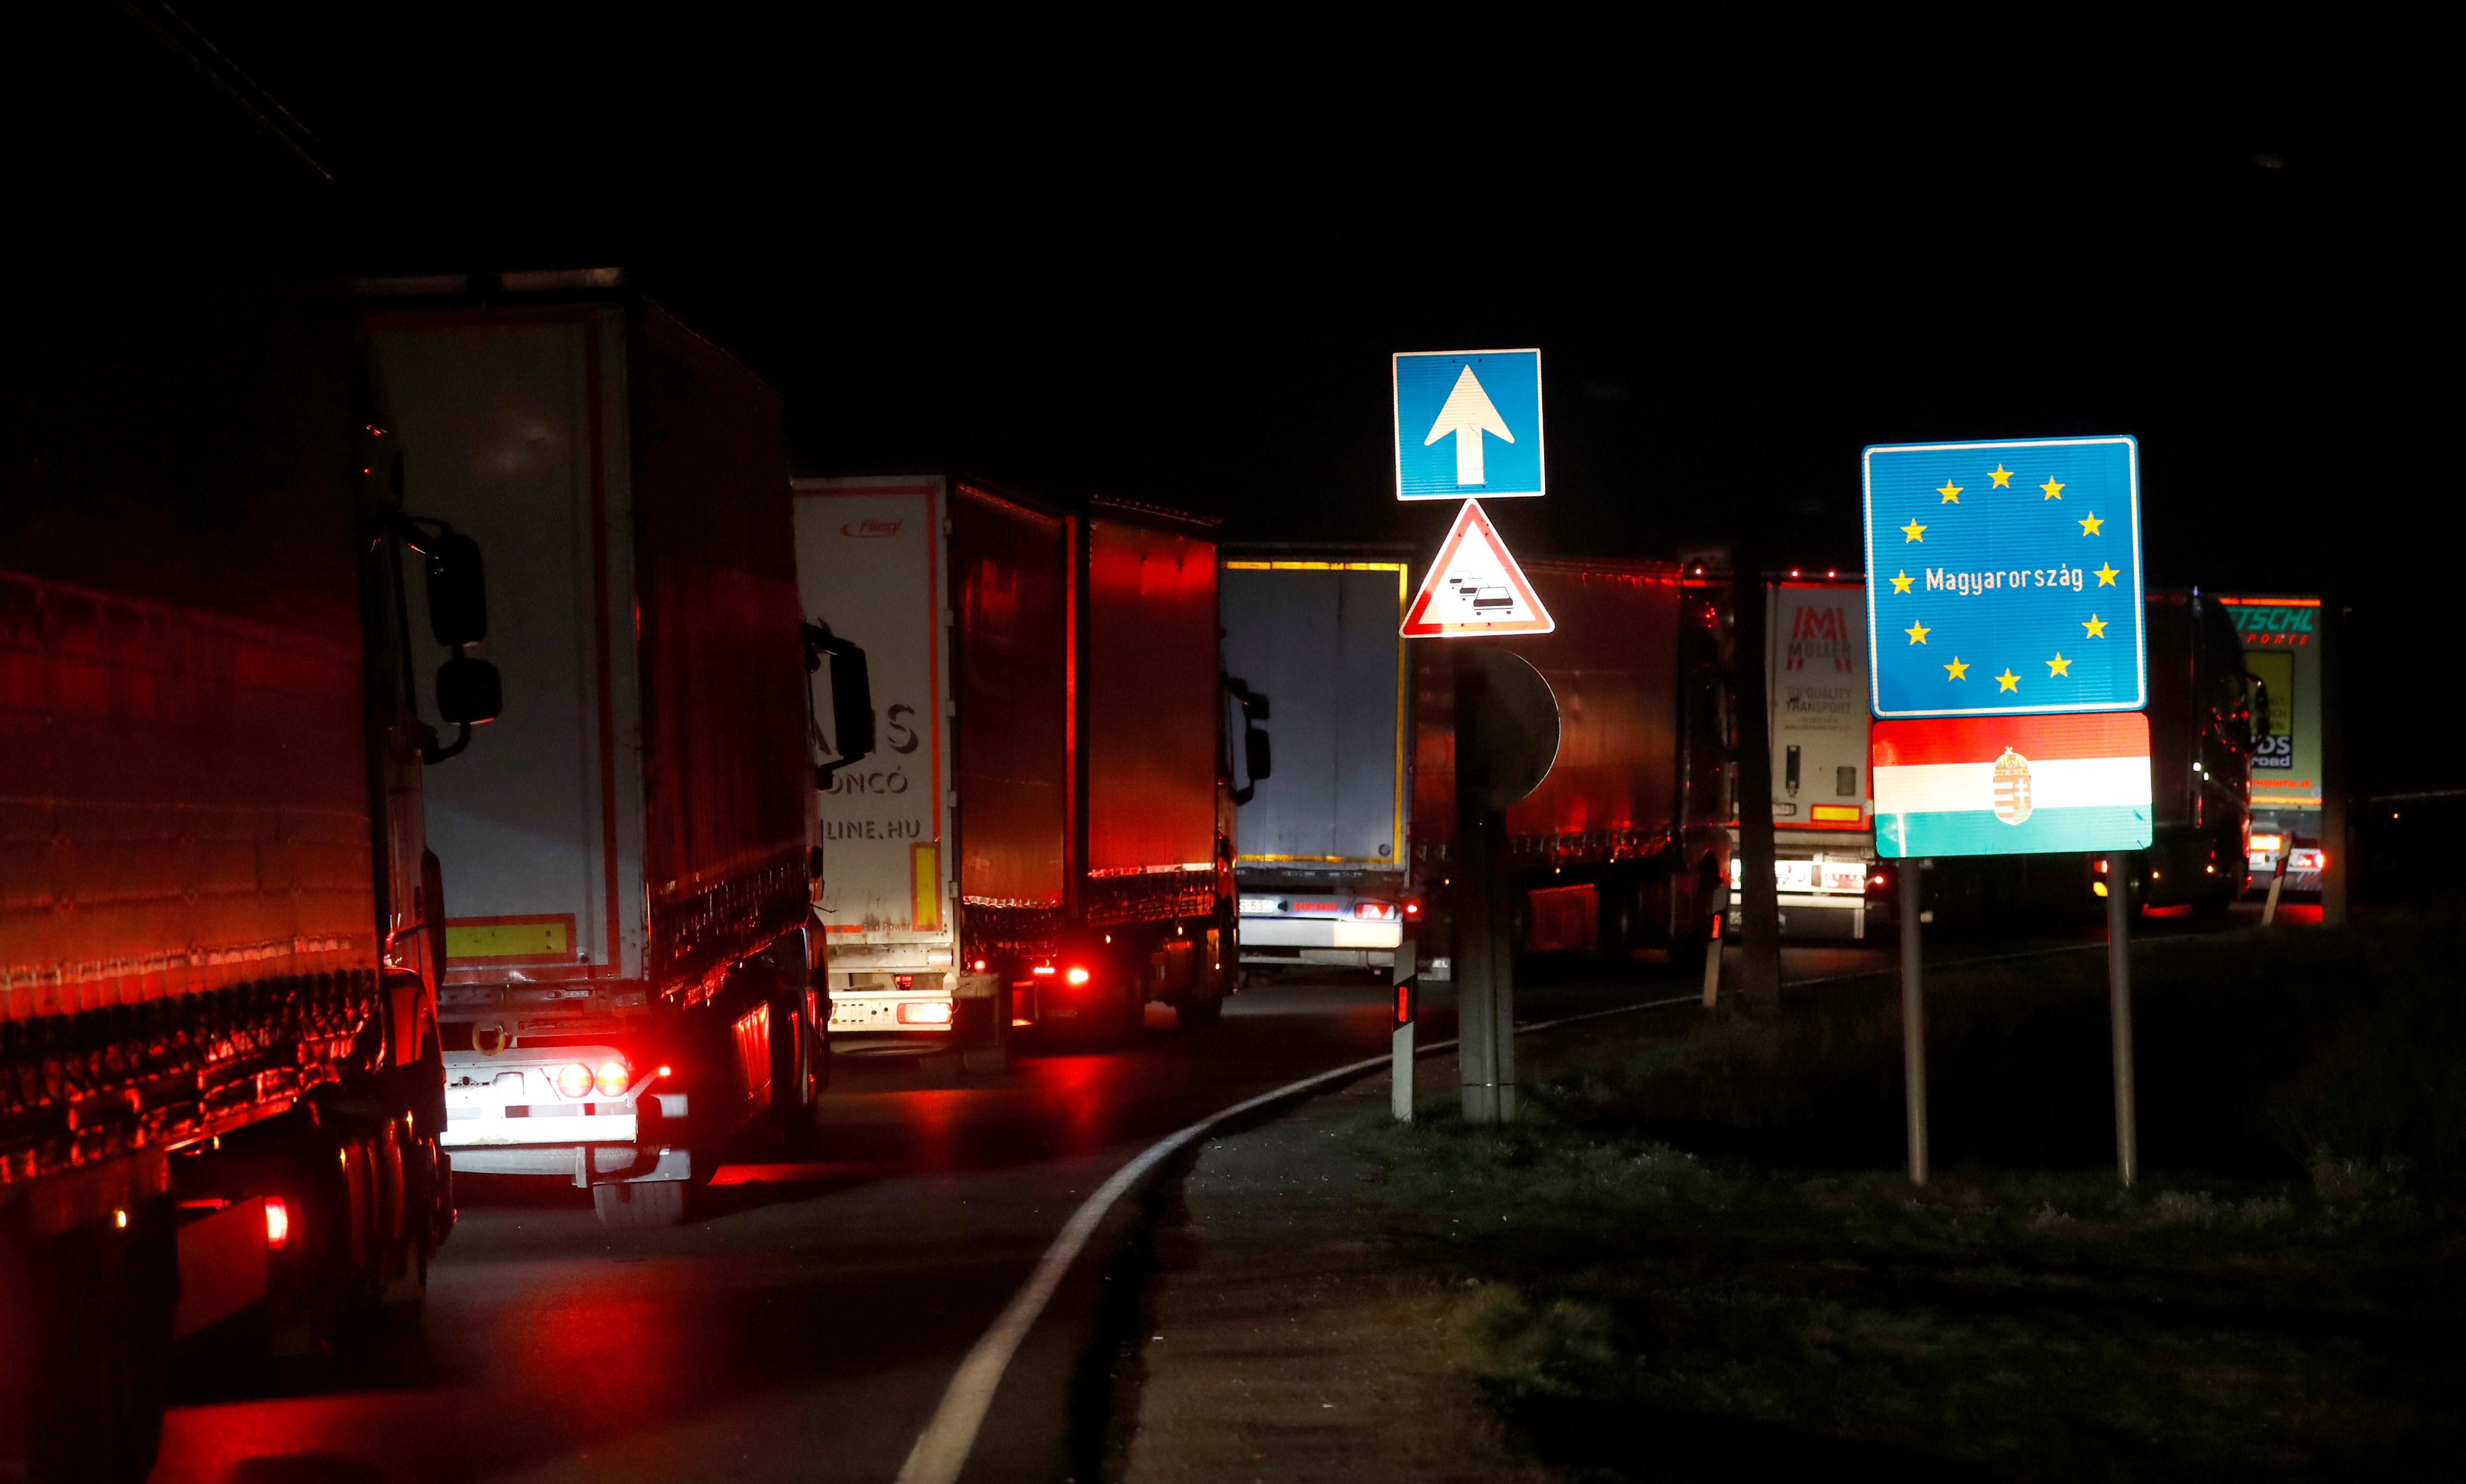 Еврокомиссия потребовала от Венгрии пересмотреть решение о закрытии границ